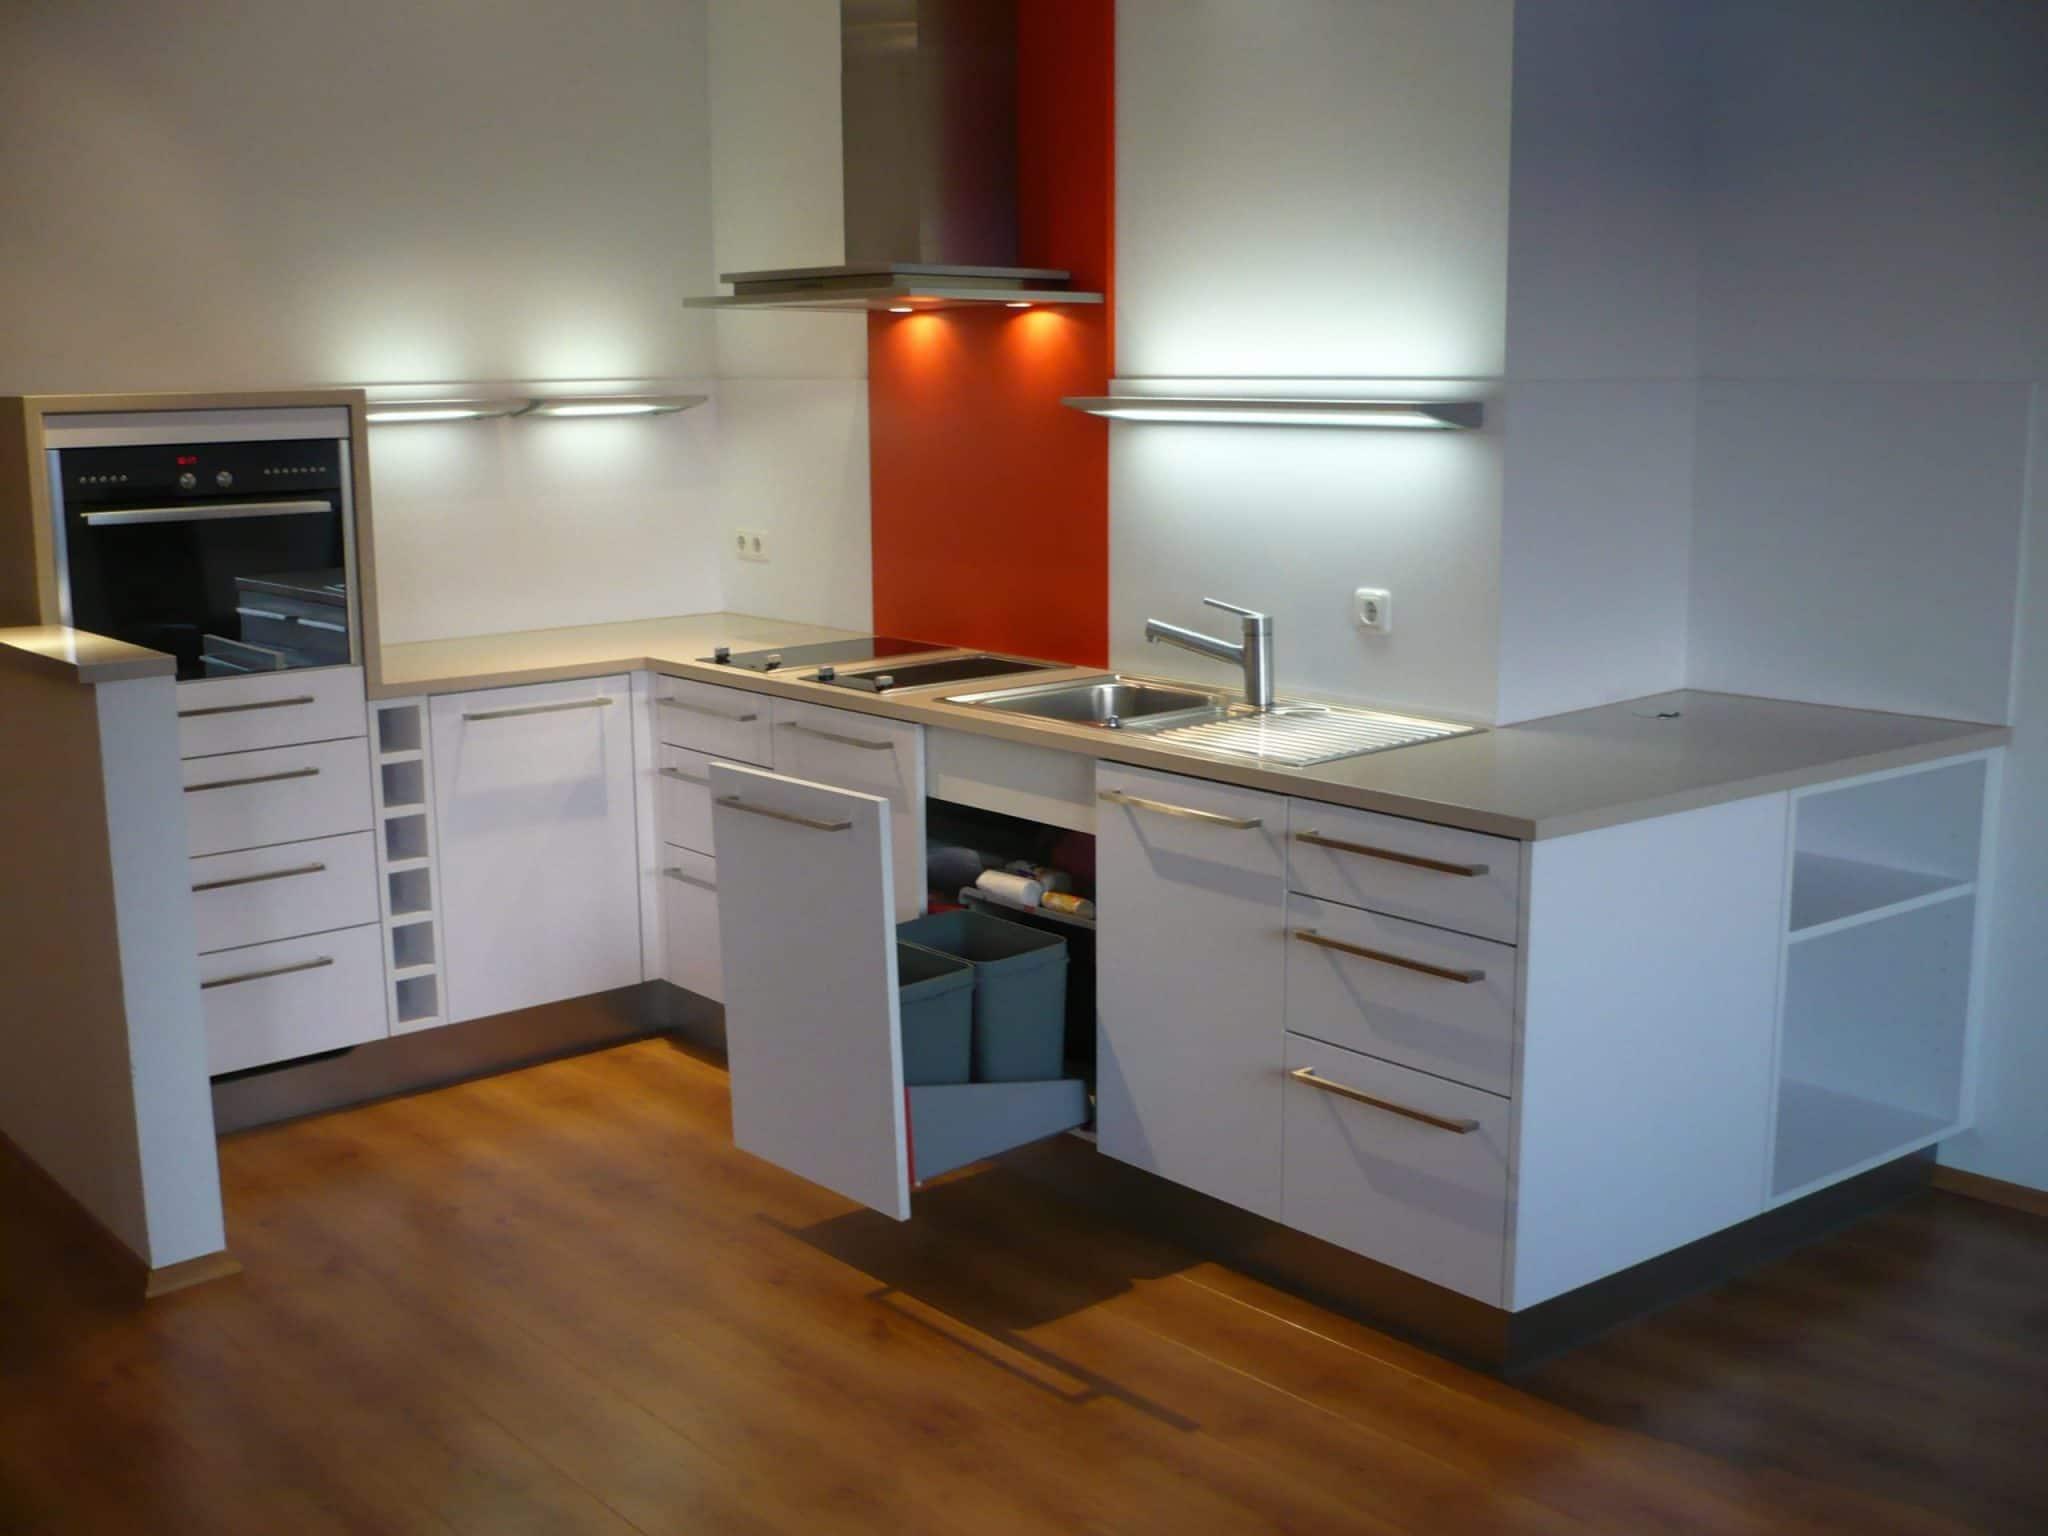 tischlerei-hanses-essen-moebel-handwerk-küche-1